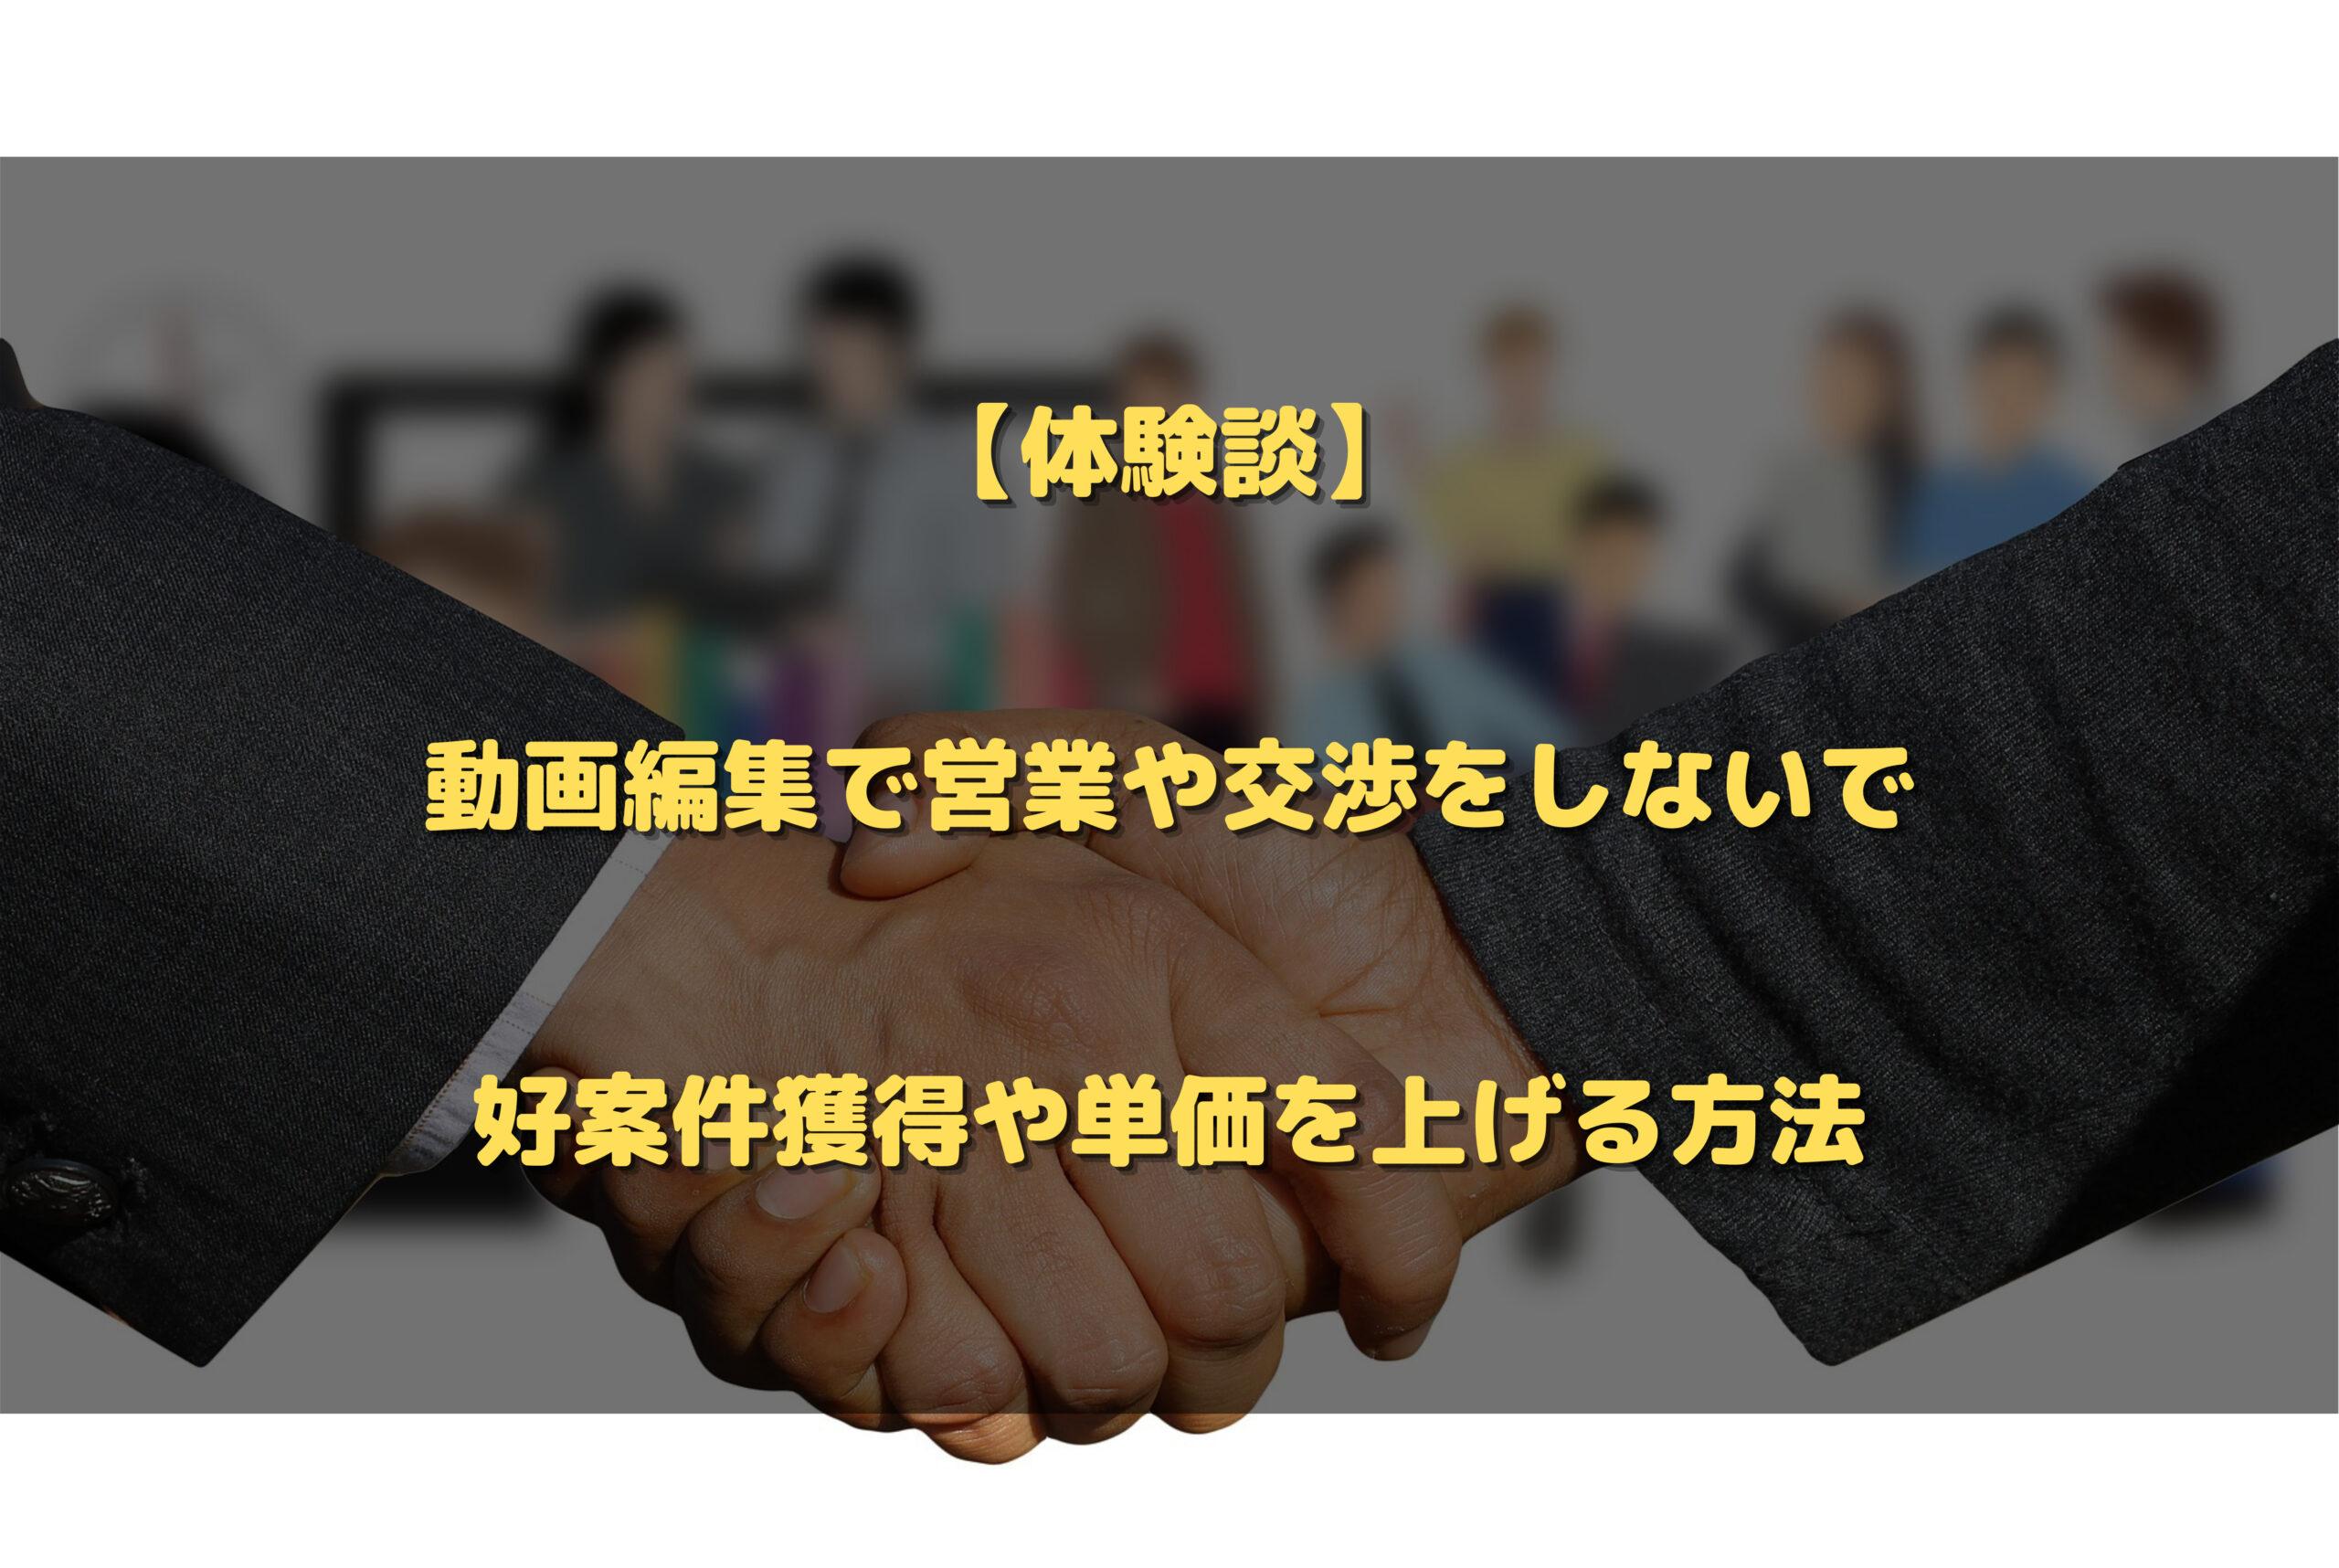 営業や交渉なしで好案件獲得や単価を上げる